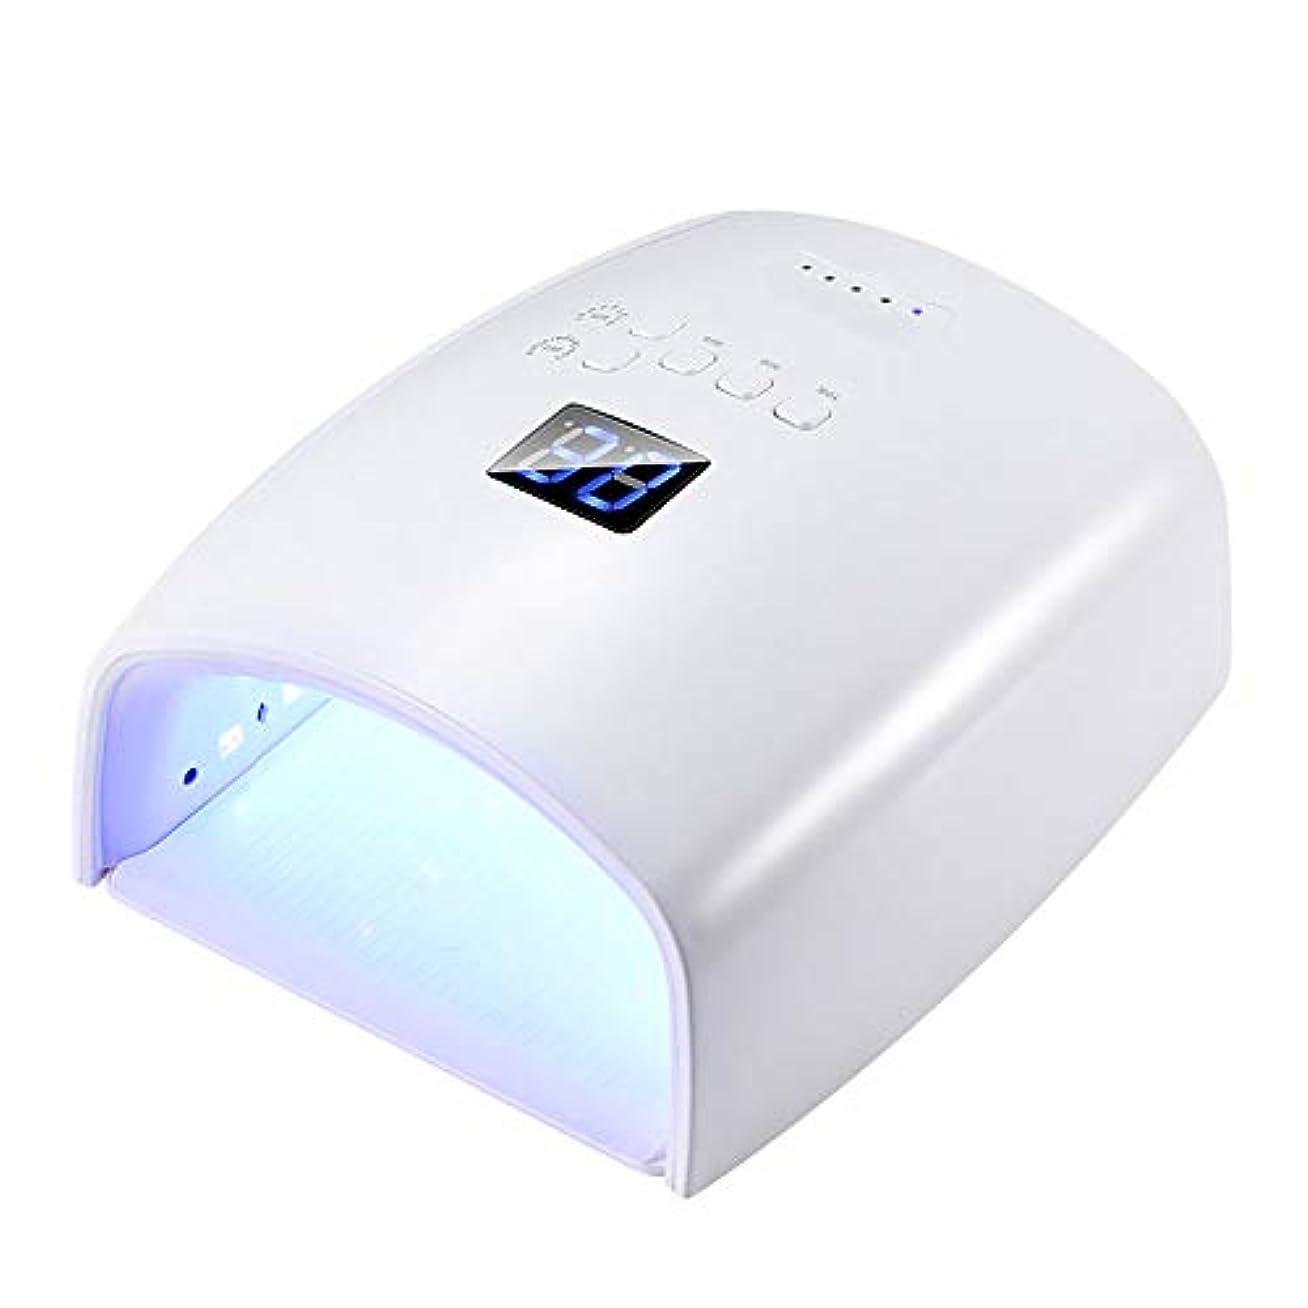 つまらない回転する精巧な釘のドライヤー - 自動赤外線センサー、二重光源のLEDランプのゲルのドライヤーのマニキュアが付いている紫外線携帯用LEDの釘ランプ